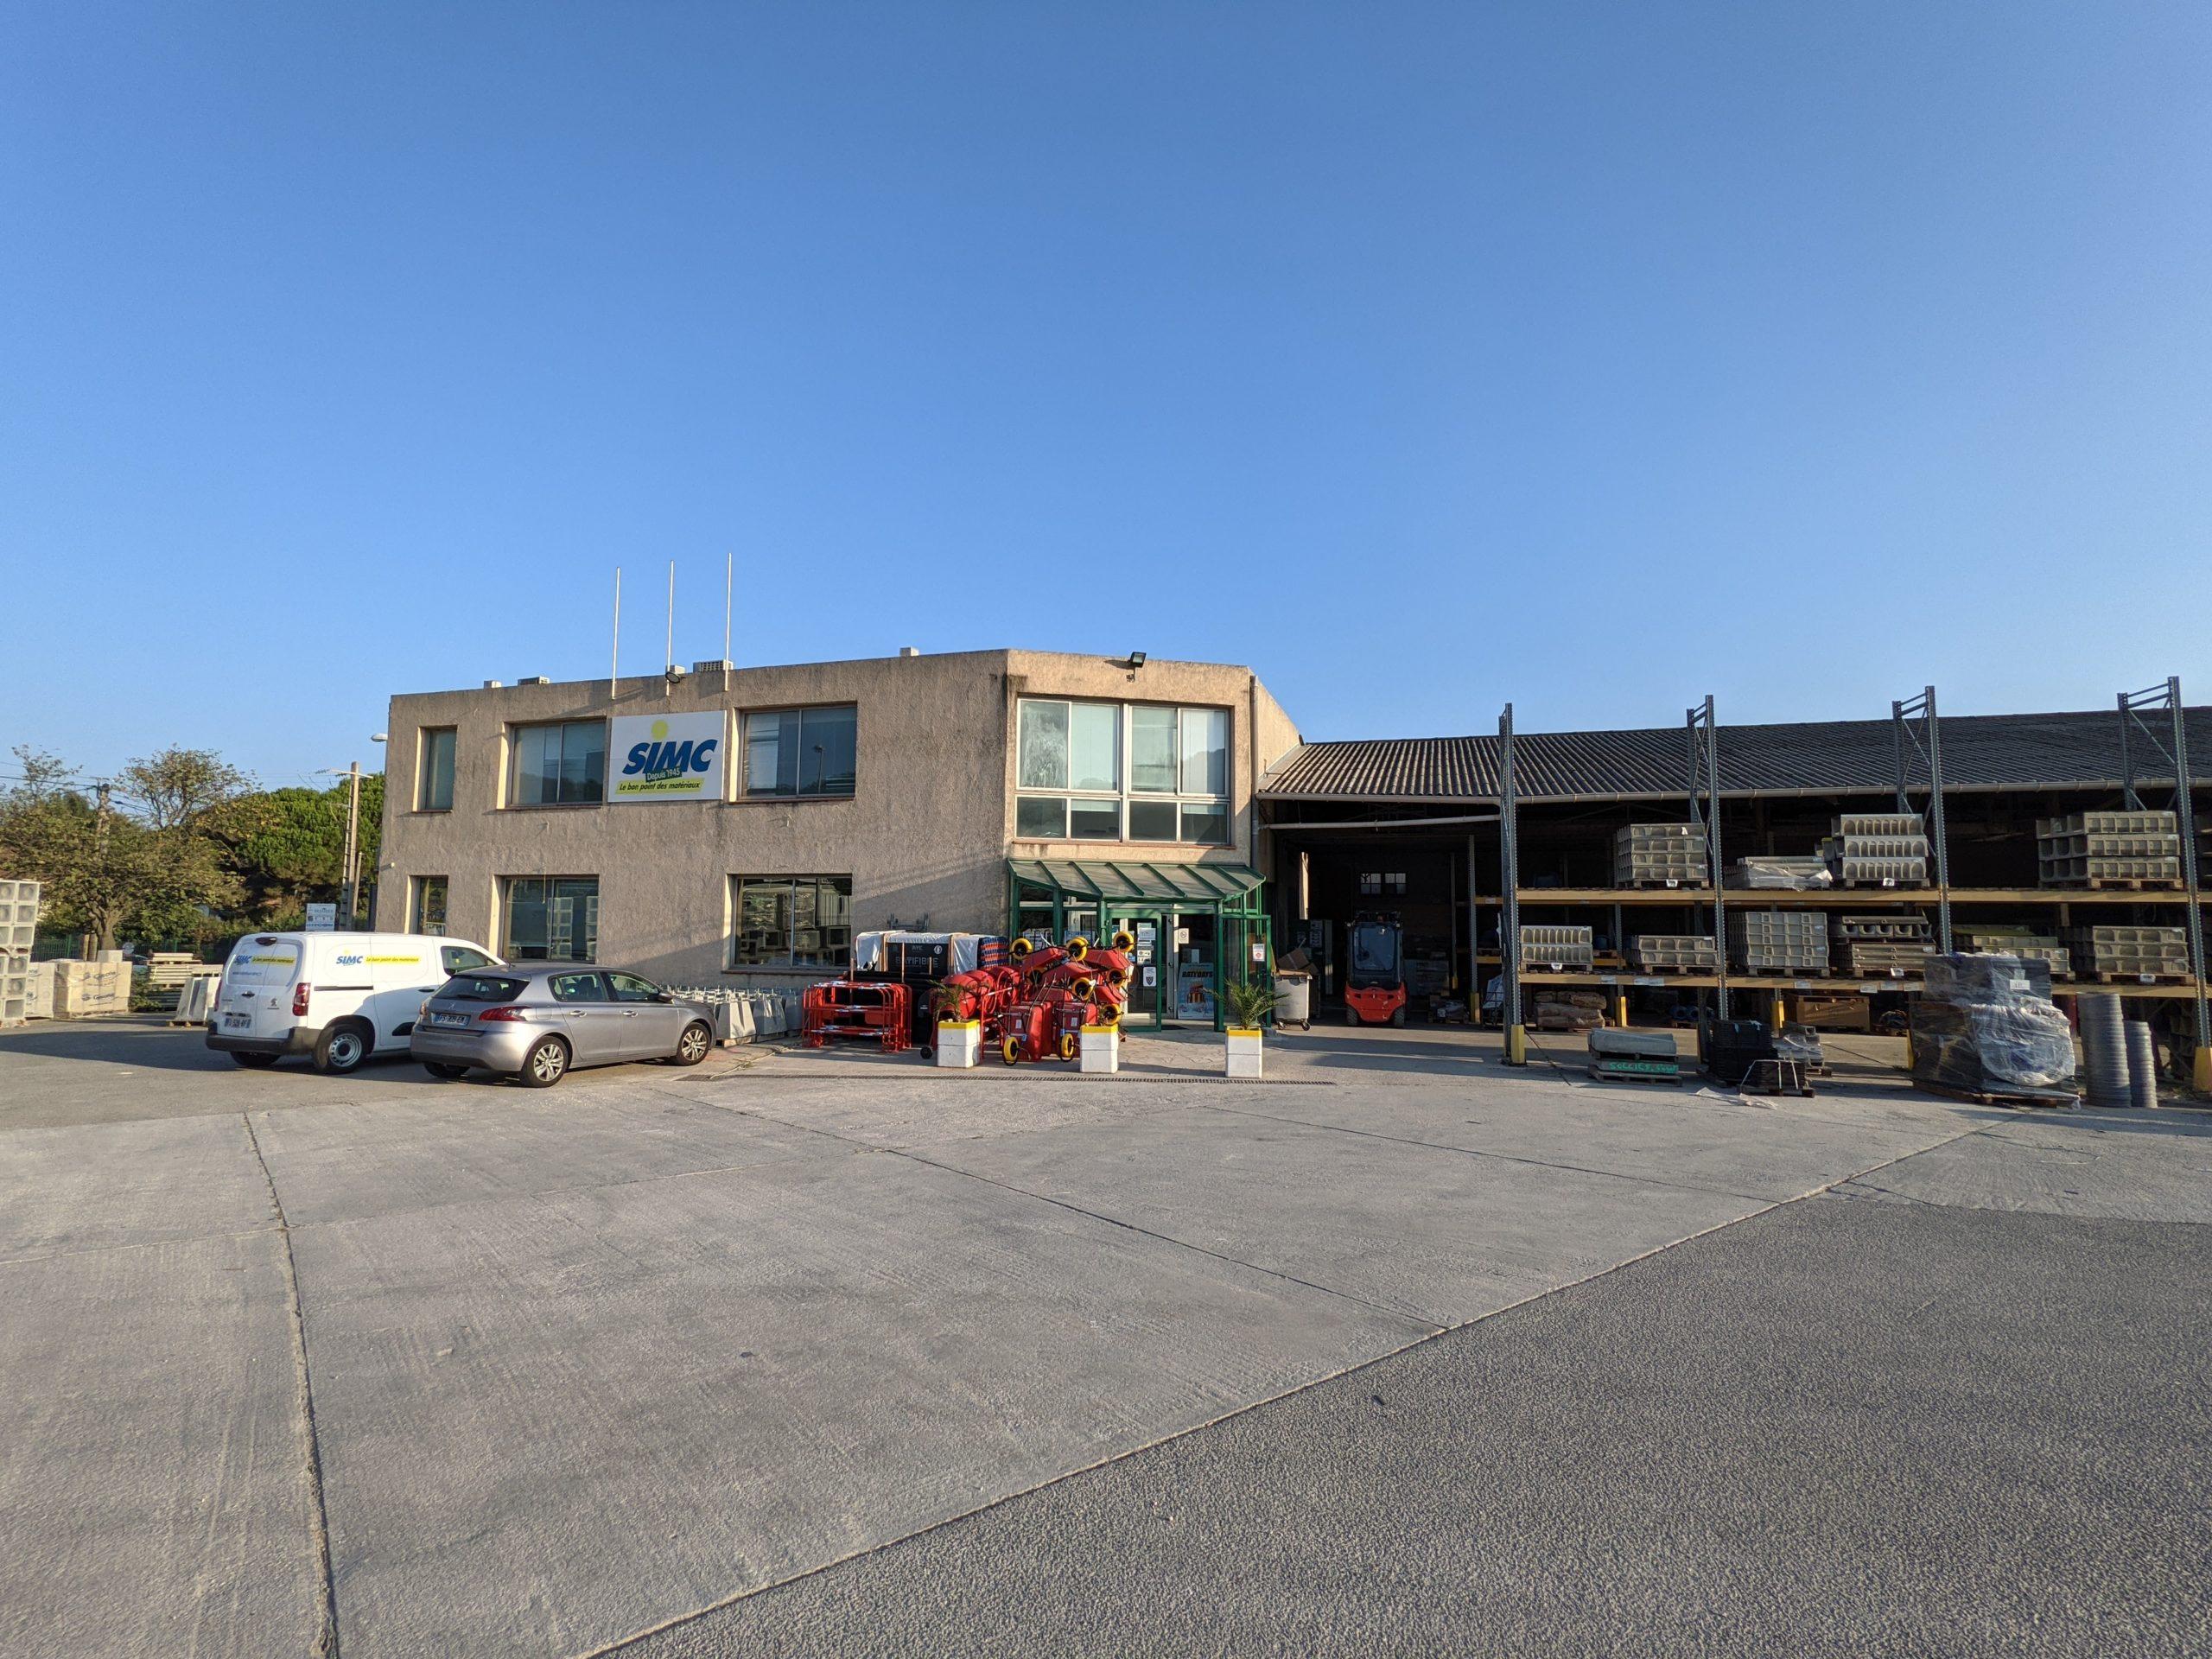 Agence Matériaux SIMC Hyères - Vue de l'entrée du magasin